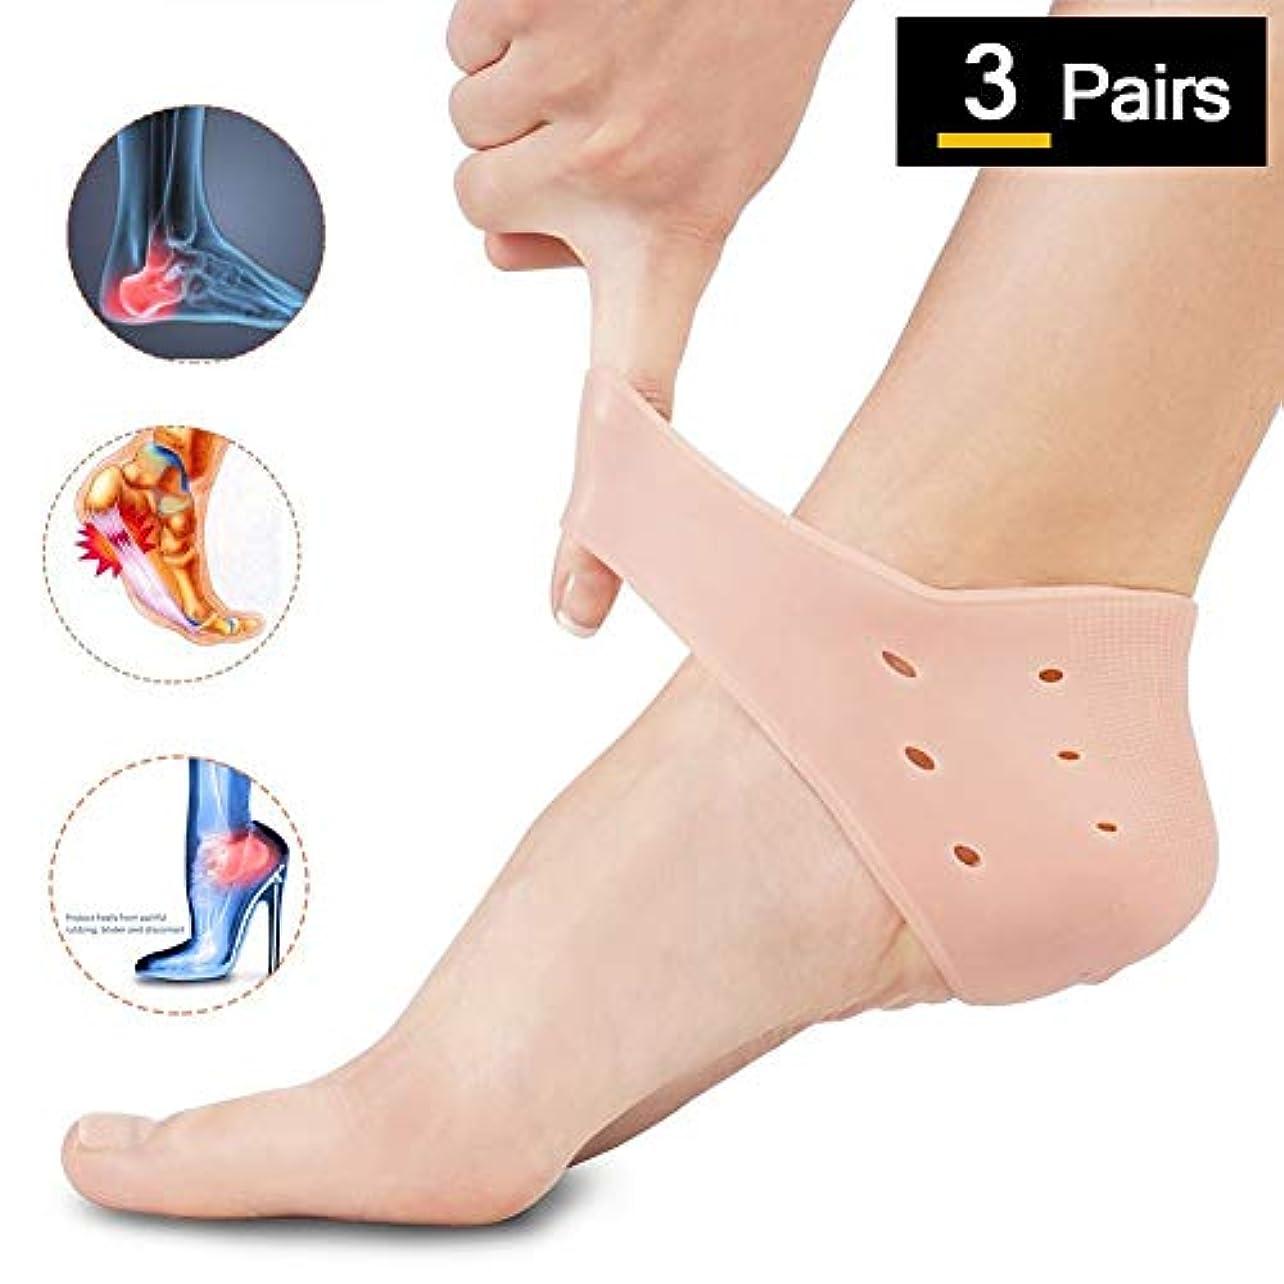 積極的に分析する均等にインソール かかと シリコン かかと保護カバー ヒールカップ足底筋膜炎インサート通気性 ヒールの痛み緩和 足痛み軽減フットケア モートン病 サポーター